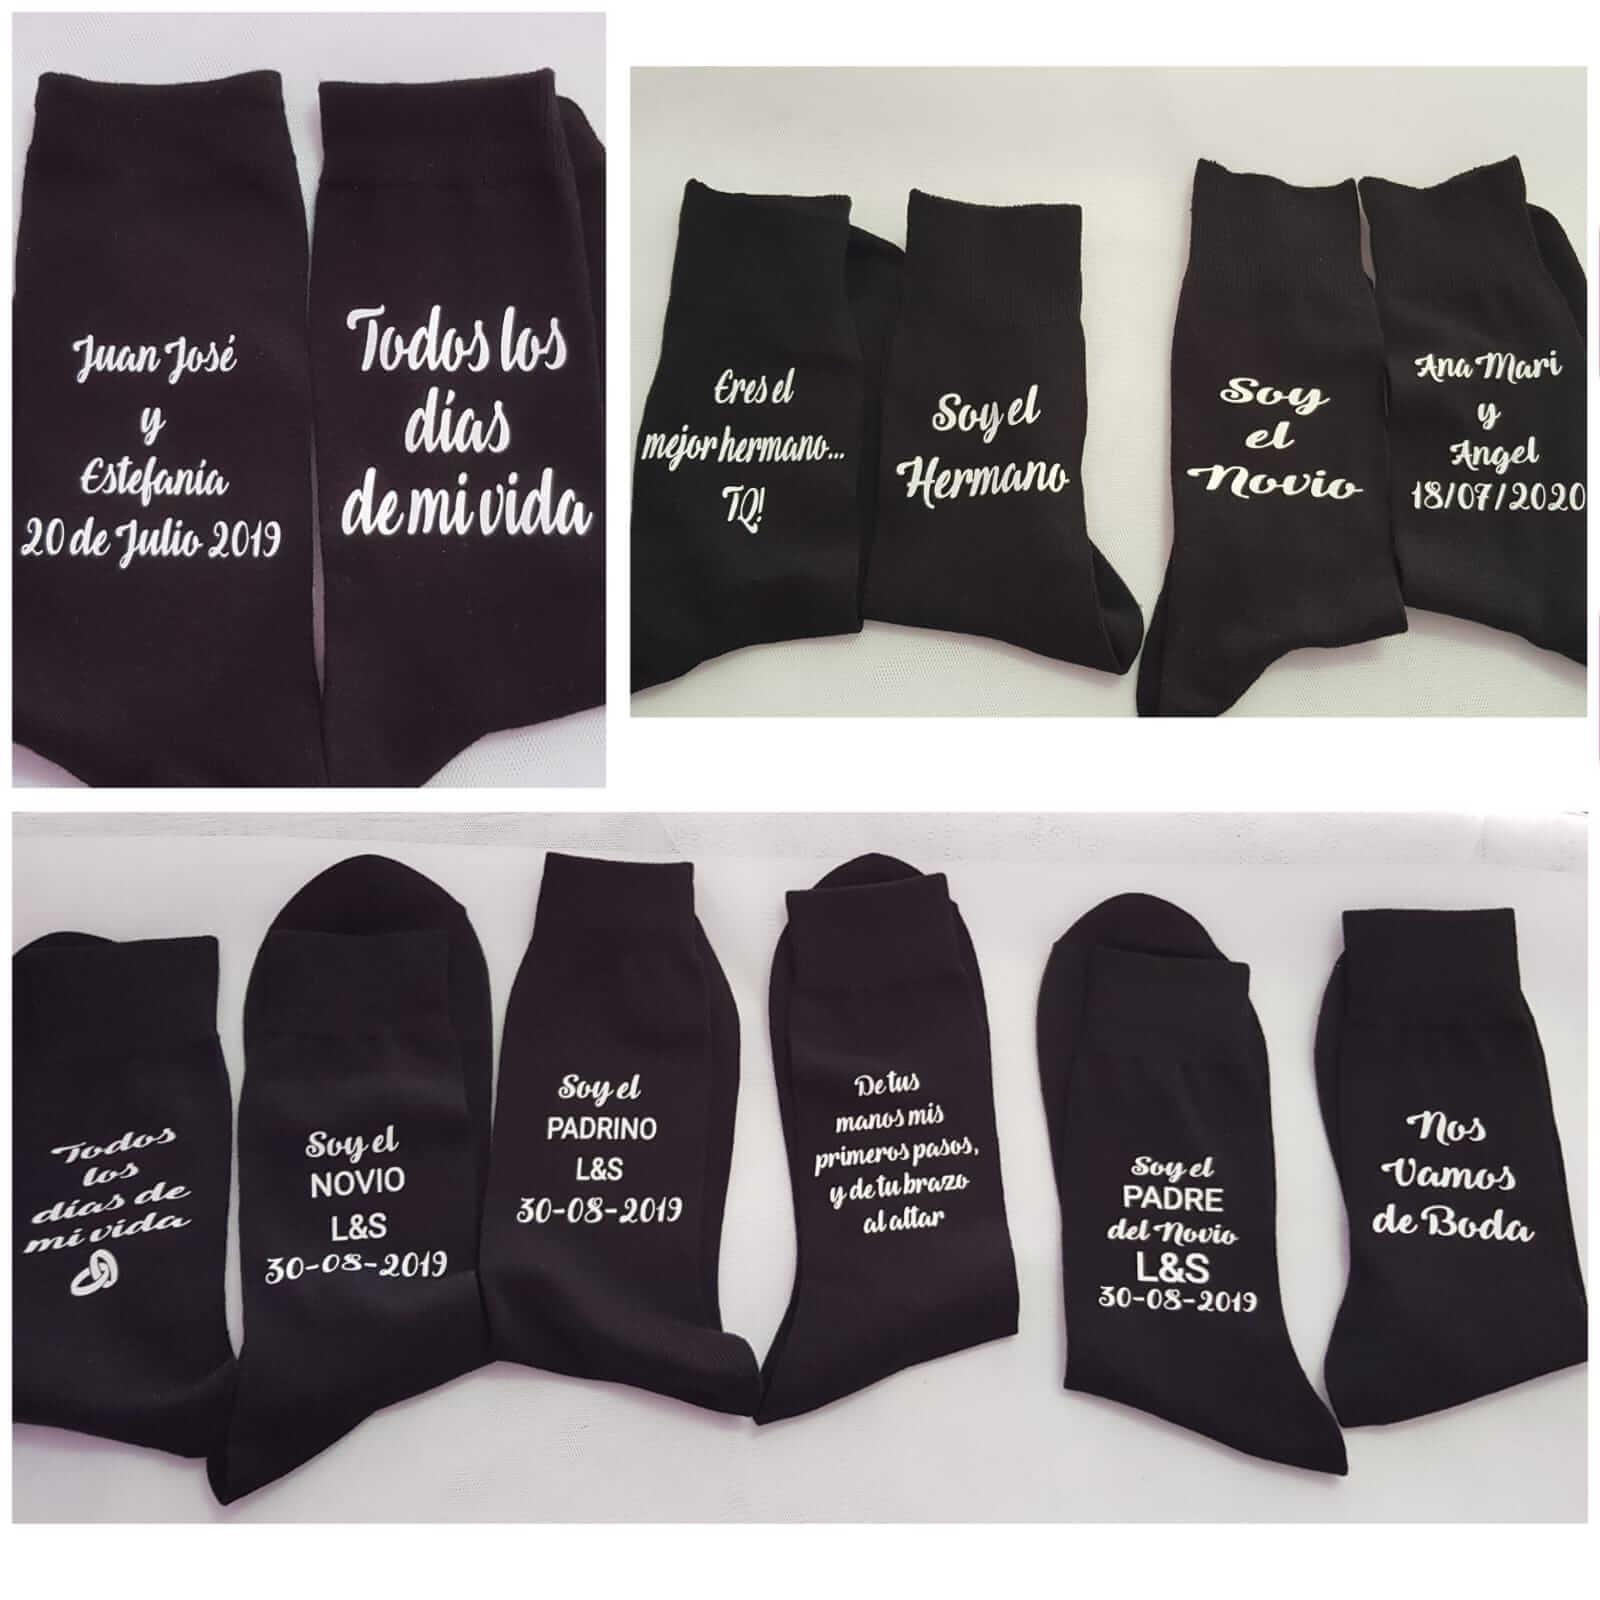 calcetines originales regalos personalizados porlanovia calcetines originales - calcetines originales regalos personalizados porlanovia 4 - calcetines originales regalos personalizados porlanovia